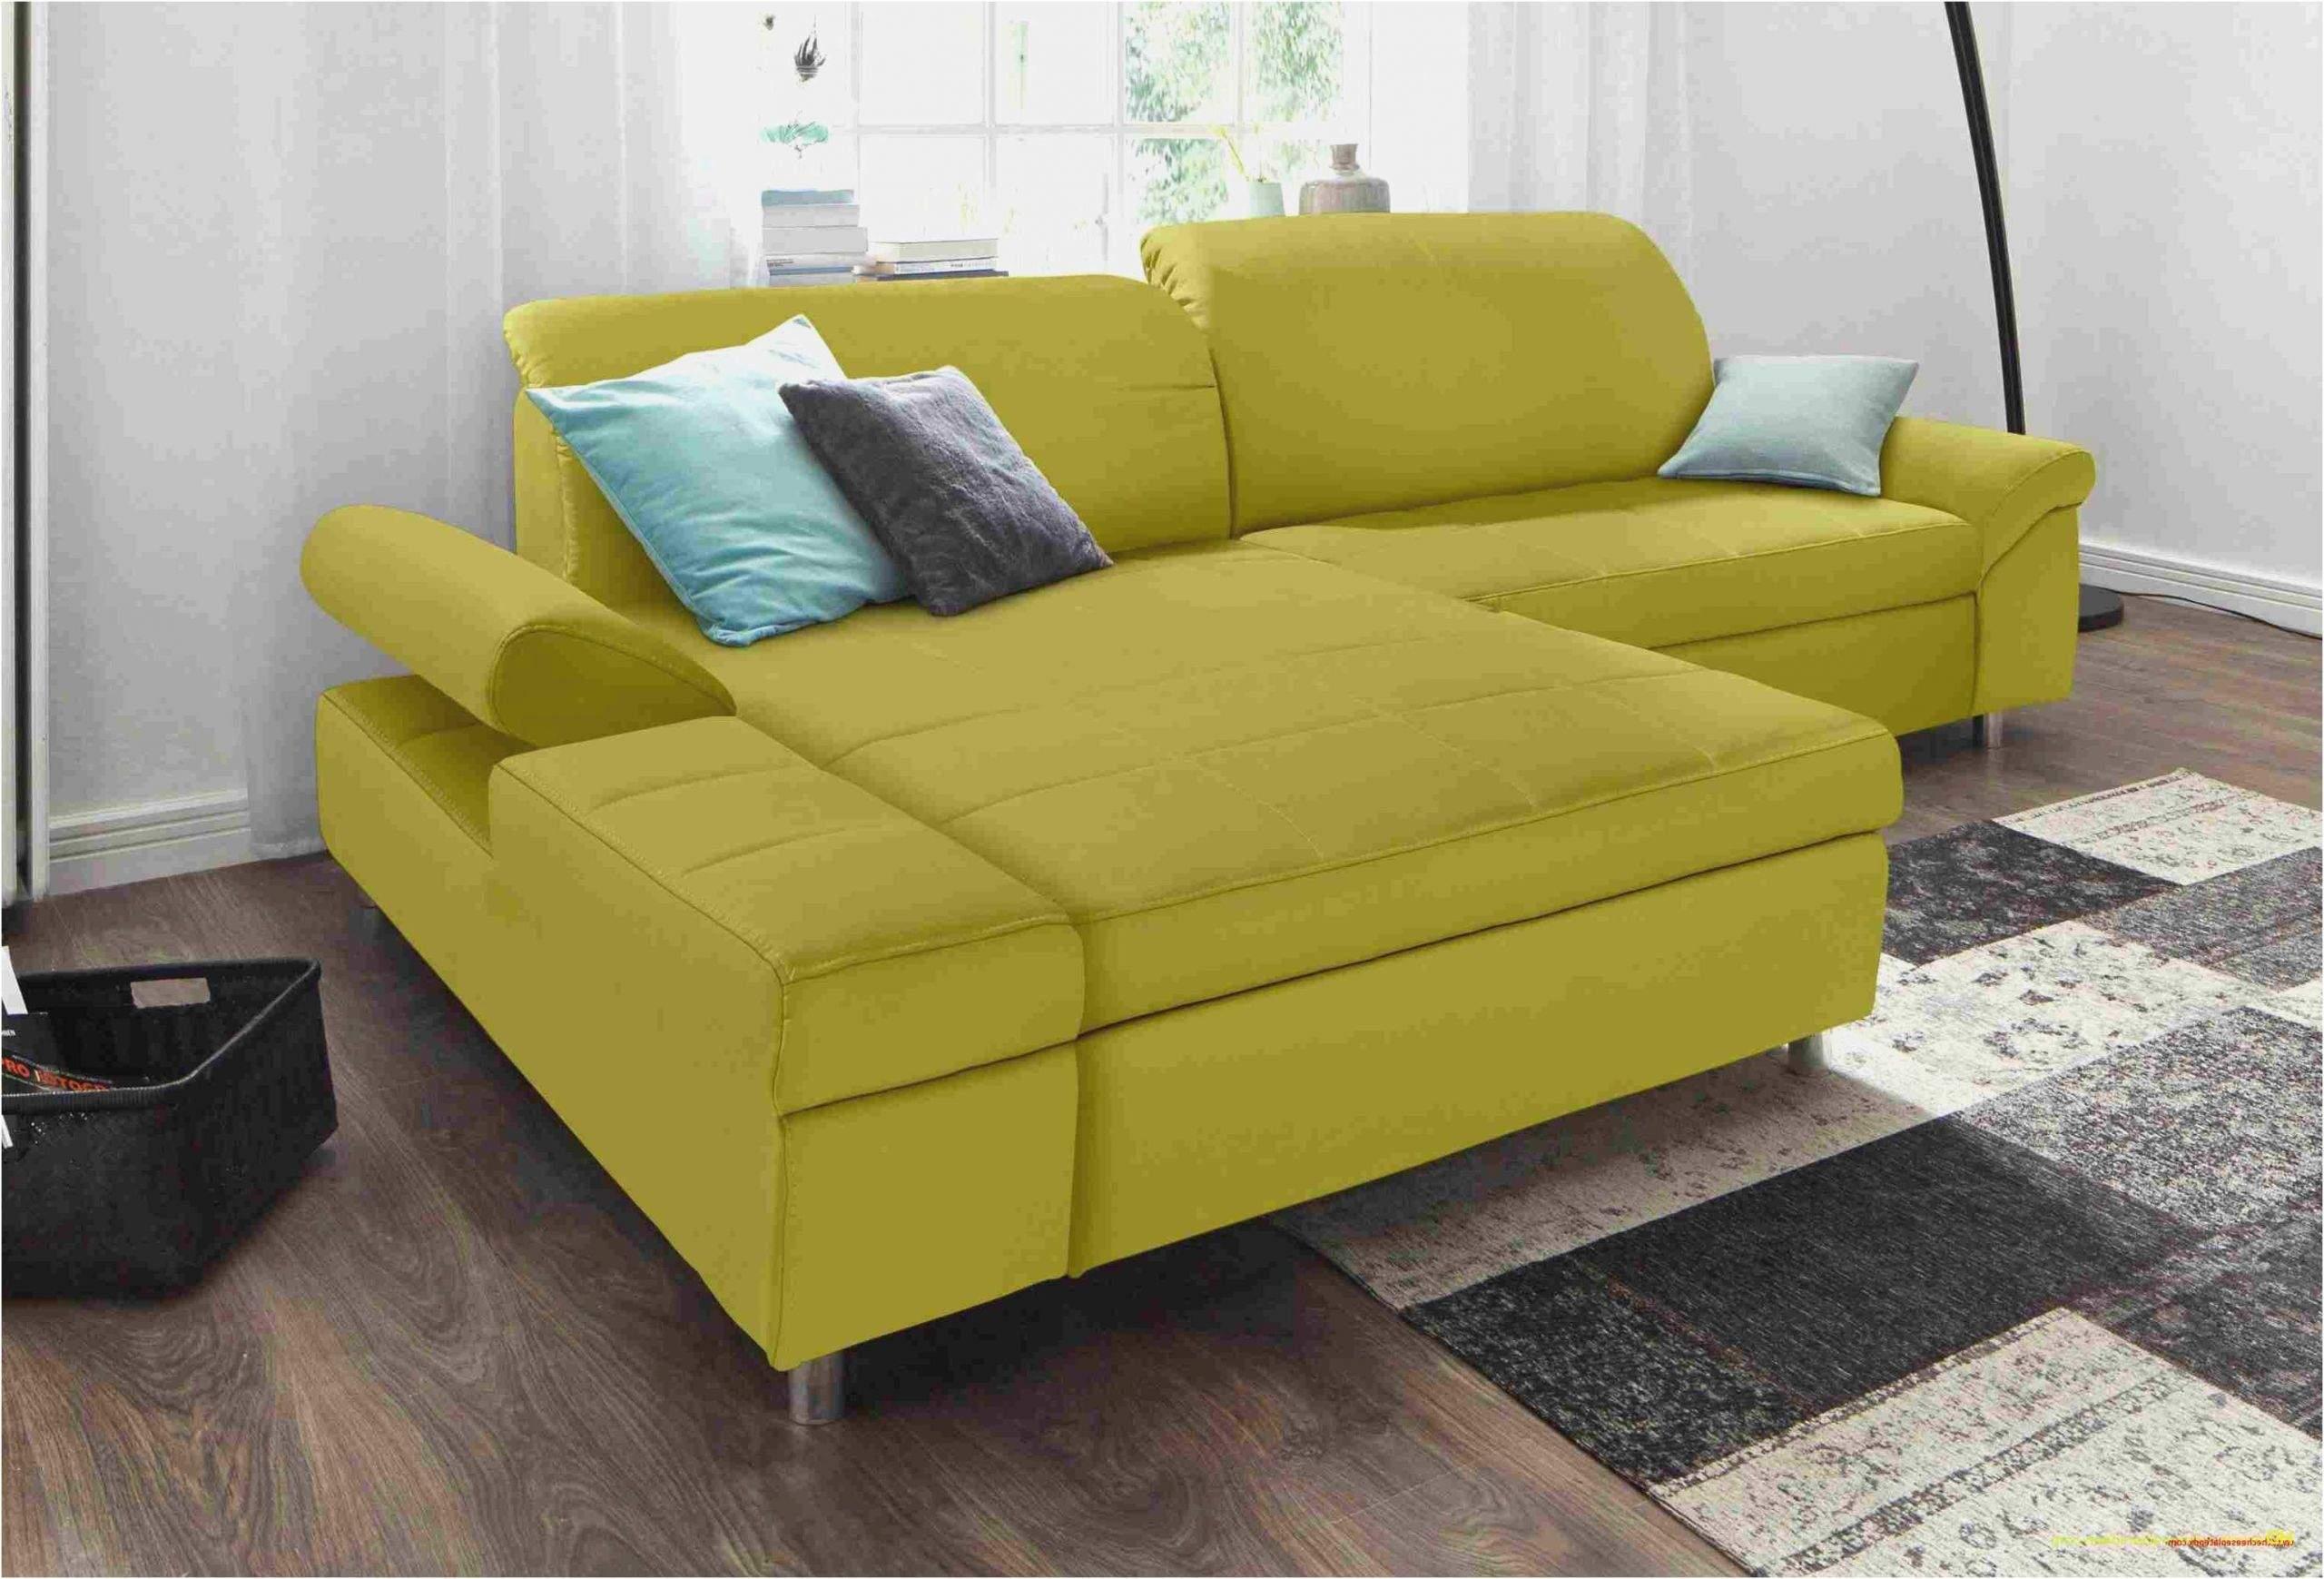 garten lounge set gunstig elegant 35 das beste von mobel garten elegant of garten lounge set gunstig